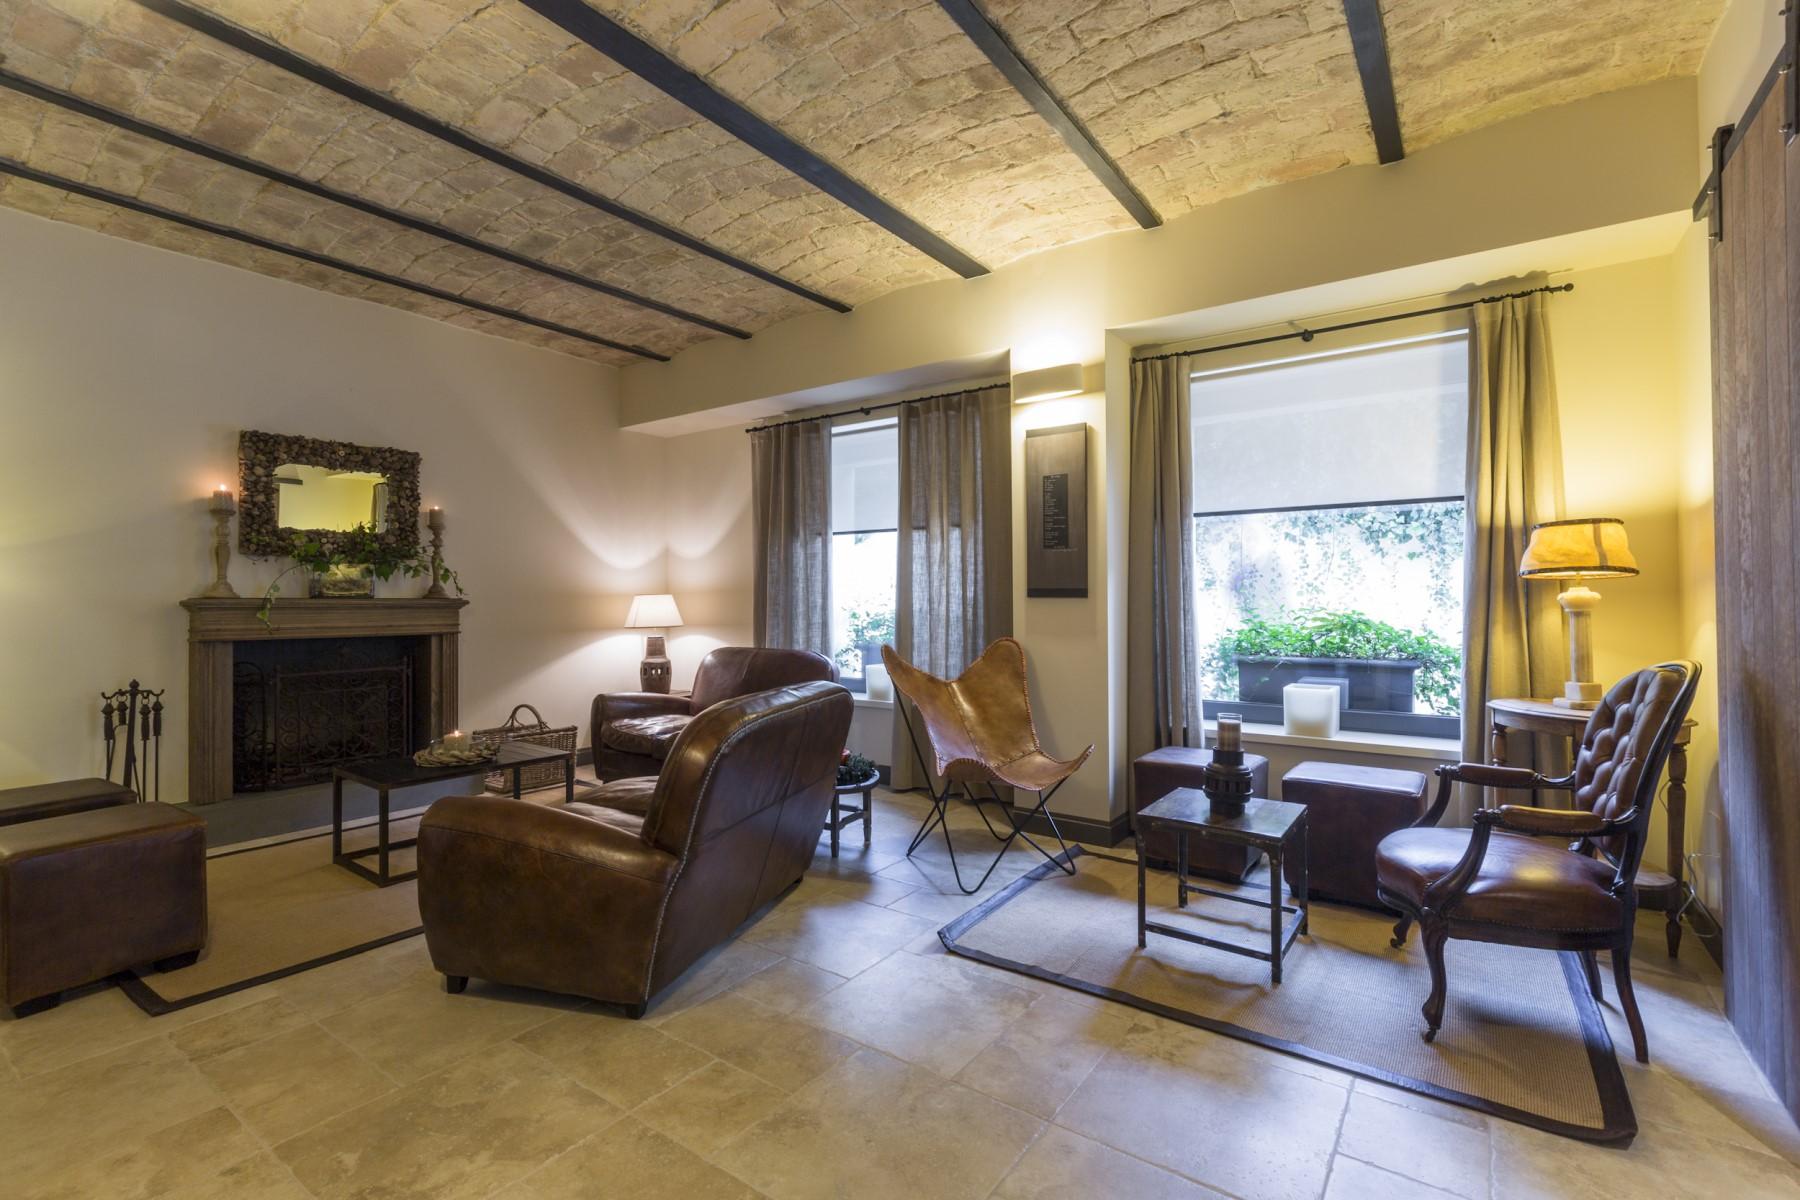 Salotto Hotel 900 Giulianova Abruzzo Charme 4 stelle star Luxury Business Leisure Vacanza